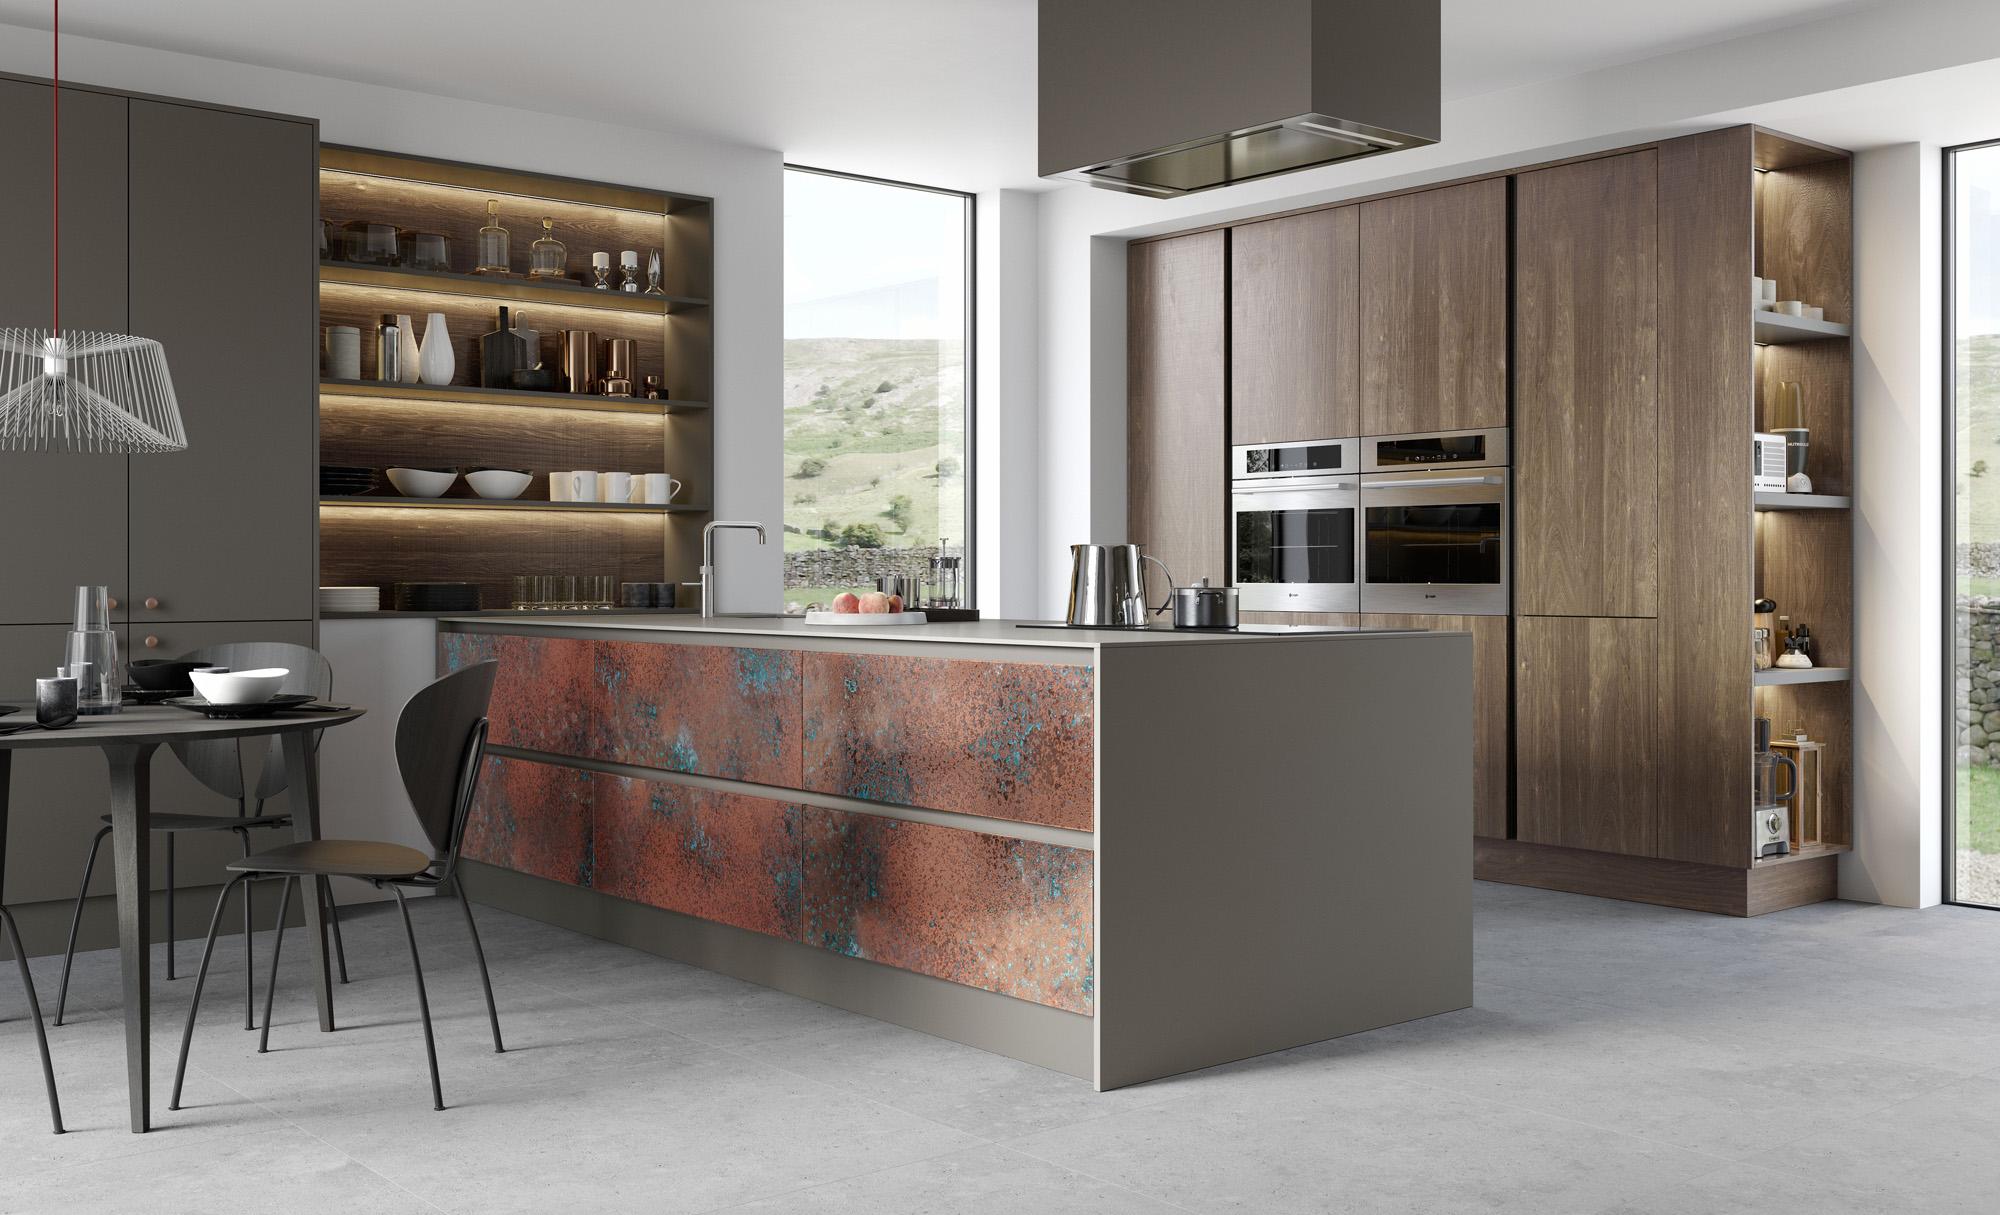 FERRO_-_Oxidised_Copper,_Zola_Matte_Lava,_Rezana_Espresso_Oak